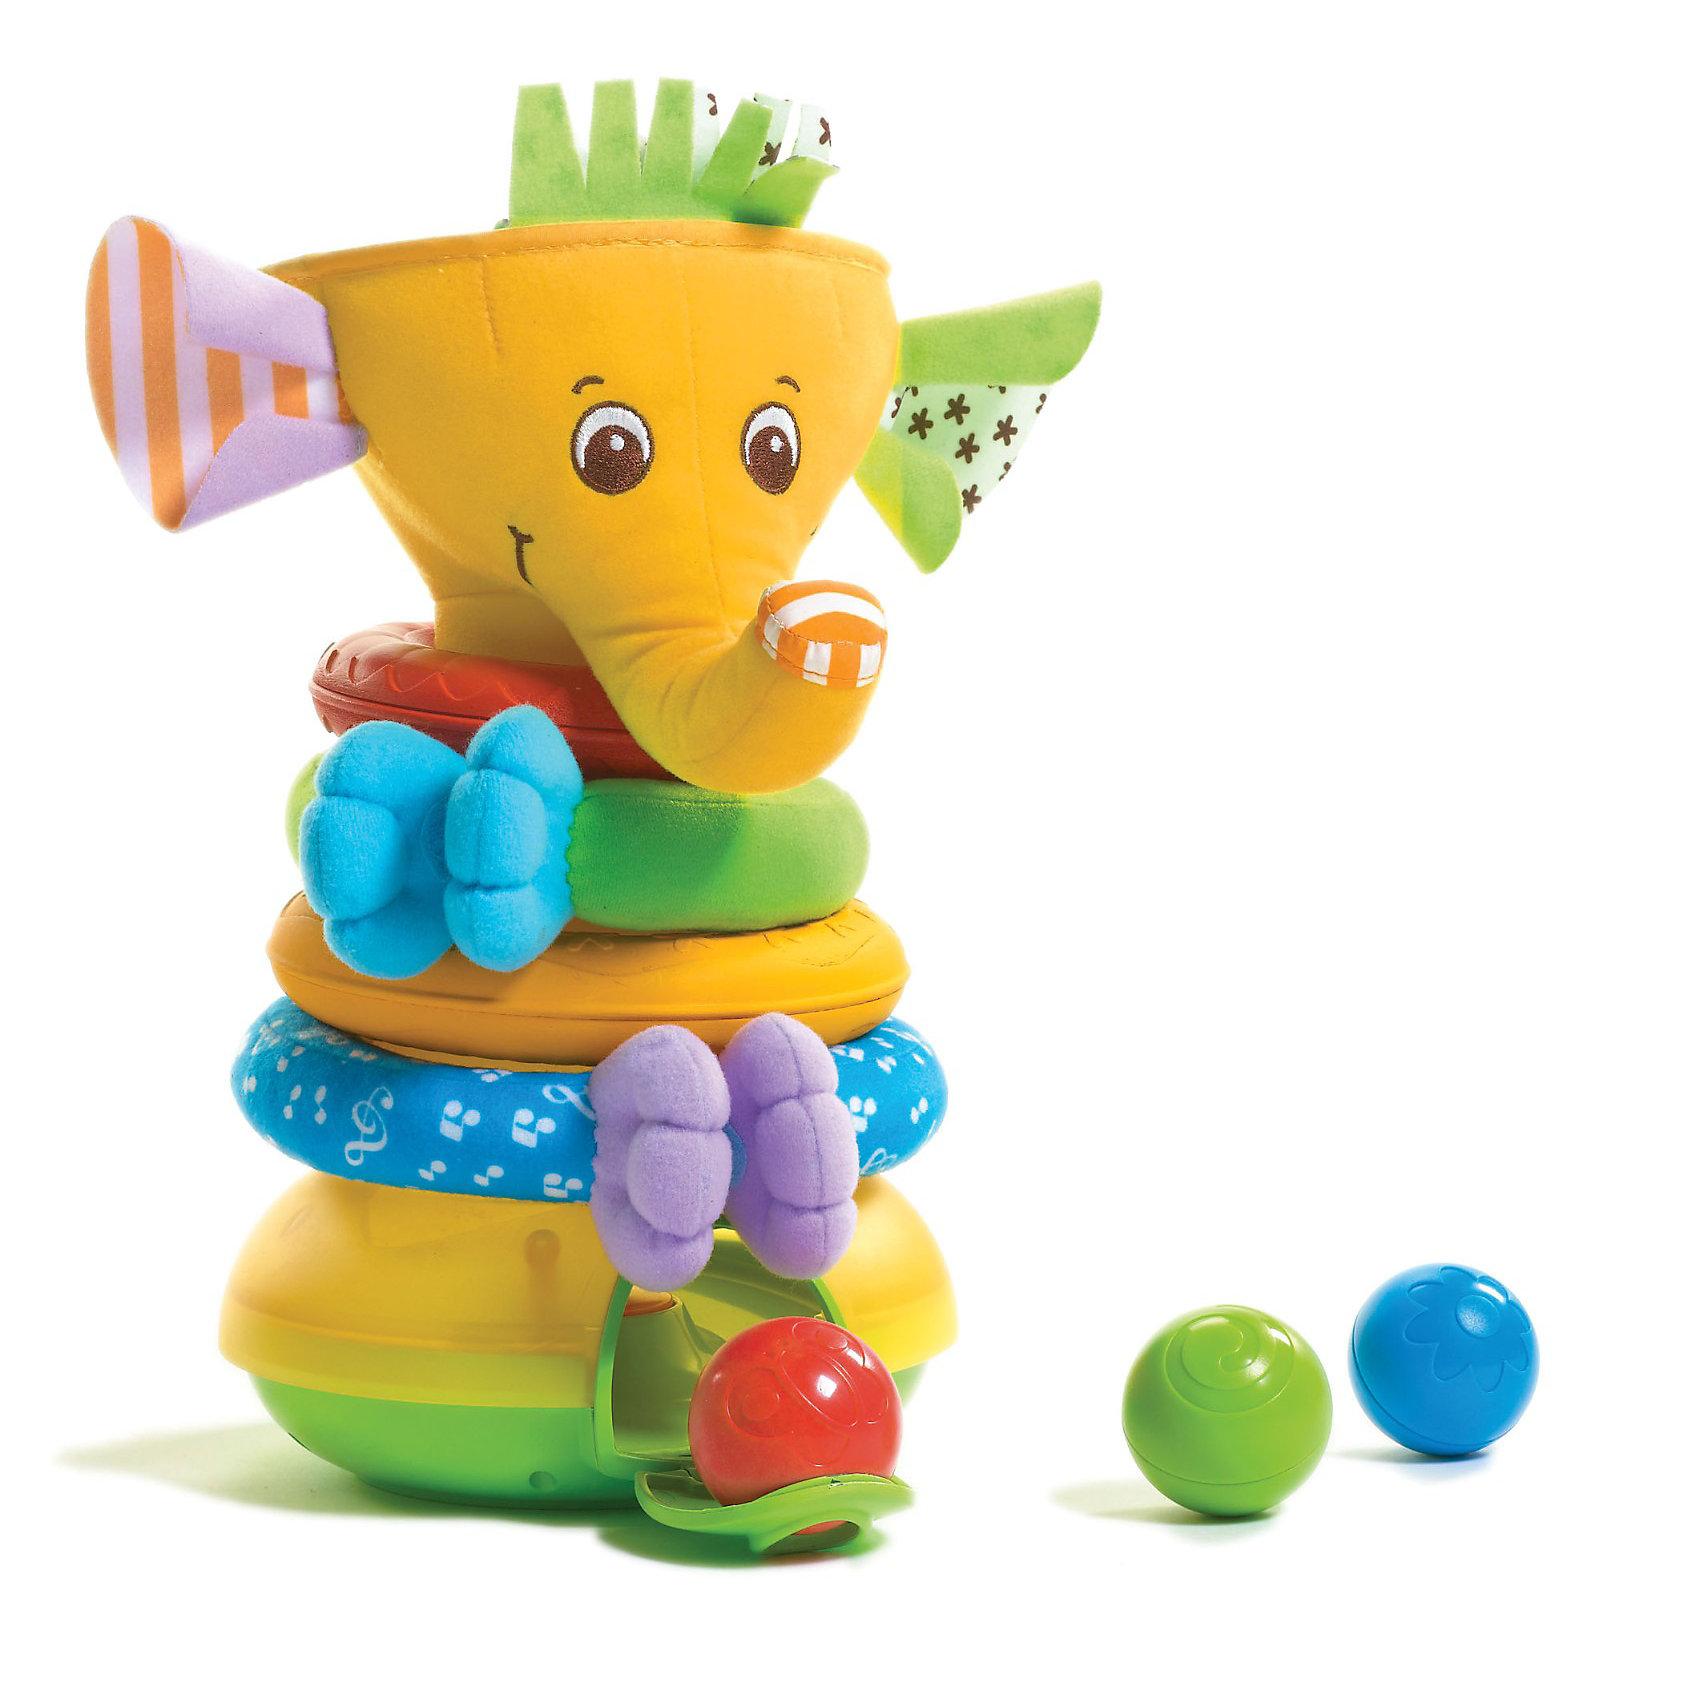 Музыкальная пирамидка с шариками Слоник (новый дизайн), Tiny LoveМузыкальная пирамидка с шариками Слоник, Tiny Love<br><br>Увлекательная игра для малышей. Игрушка «Слоник» с музыкой, различными звуковыми и световыми эффектами. <br><br> В наборе:<br>-  пластиковое интерактивное основание с отверстием для шаров, <br>- 3 шарика с рисунком, <br>- 4 кольца с приятной текстурой, <br>- голова слоника.<br>- 4 различных мелодии и звуки: детский смех, овации, хлопки<br> <br>Малыш собирает, разбирает пирамидку, кидает шарики в воронку - голову слоника, шарик ударяется об основание пирамиды и звучит веселая мелодия. <br> На пластмассовый конус-основу пирамидки малыш может надевать  4 мягких кольца, отличающиеся по диаметру, цвету и фактуре ткани. 2 кольца сплошные, а 2 других можно разомкнуть за счет липучки, - это ручки и ножки слона. Затем малыш надевает голову слона и пирамидка собрана. Получился очень милый слоник с мохнатым чубчиком и разноцветными шуршащими ушами.<br><br>Музыкальная пирамидка развивает мелкую моторику, развивает мышление, воображение, дарит положительные эмоции. <br><br>Дополнительно:<br>Для работы нужны батарейки: 1,5 V (AA)LR6 х 3шт. <br>Материал: высококачественный пластик<br><br>Музыкальная пирамидка с шариками Слоник, Tiny Love можно купить в нашем интернет- магазине.<br><br>Ширина мм: 260<br>Глубина мм: 300<br>Высота мм: 180<br>Вес г: 1000<br>Возраст от месяцев: 6<br>Возраст до месяцев: 36<br>Пол: Унисекс<br>Возраст: Детский<br>SKU: 3421202